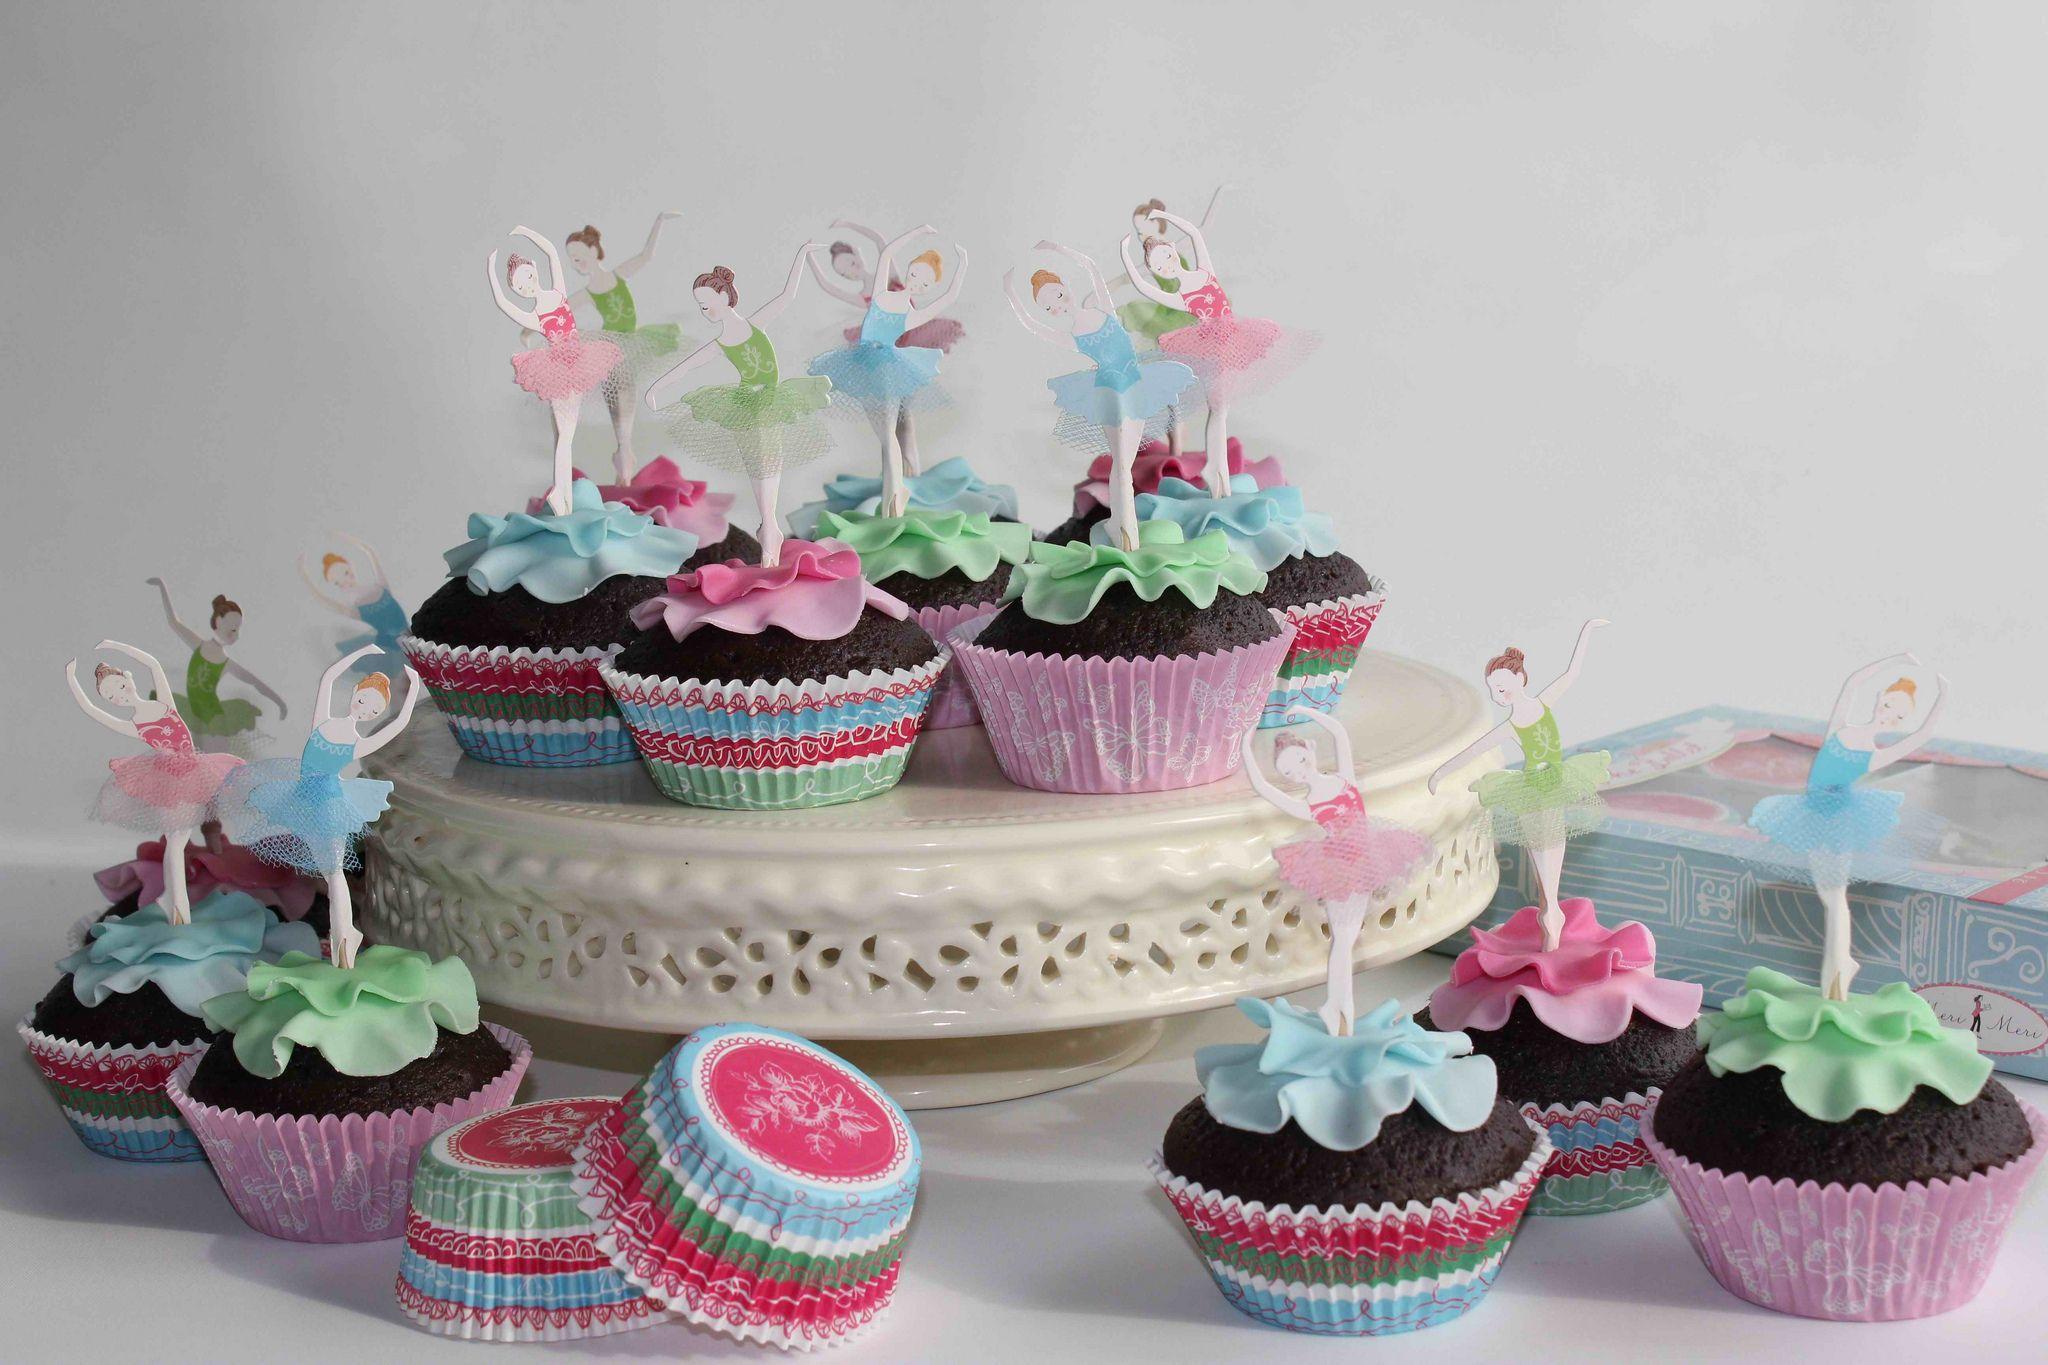 https://flic.kr/p/dT8Ndv | Ballerina cupcakes